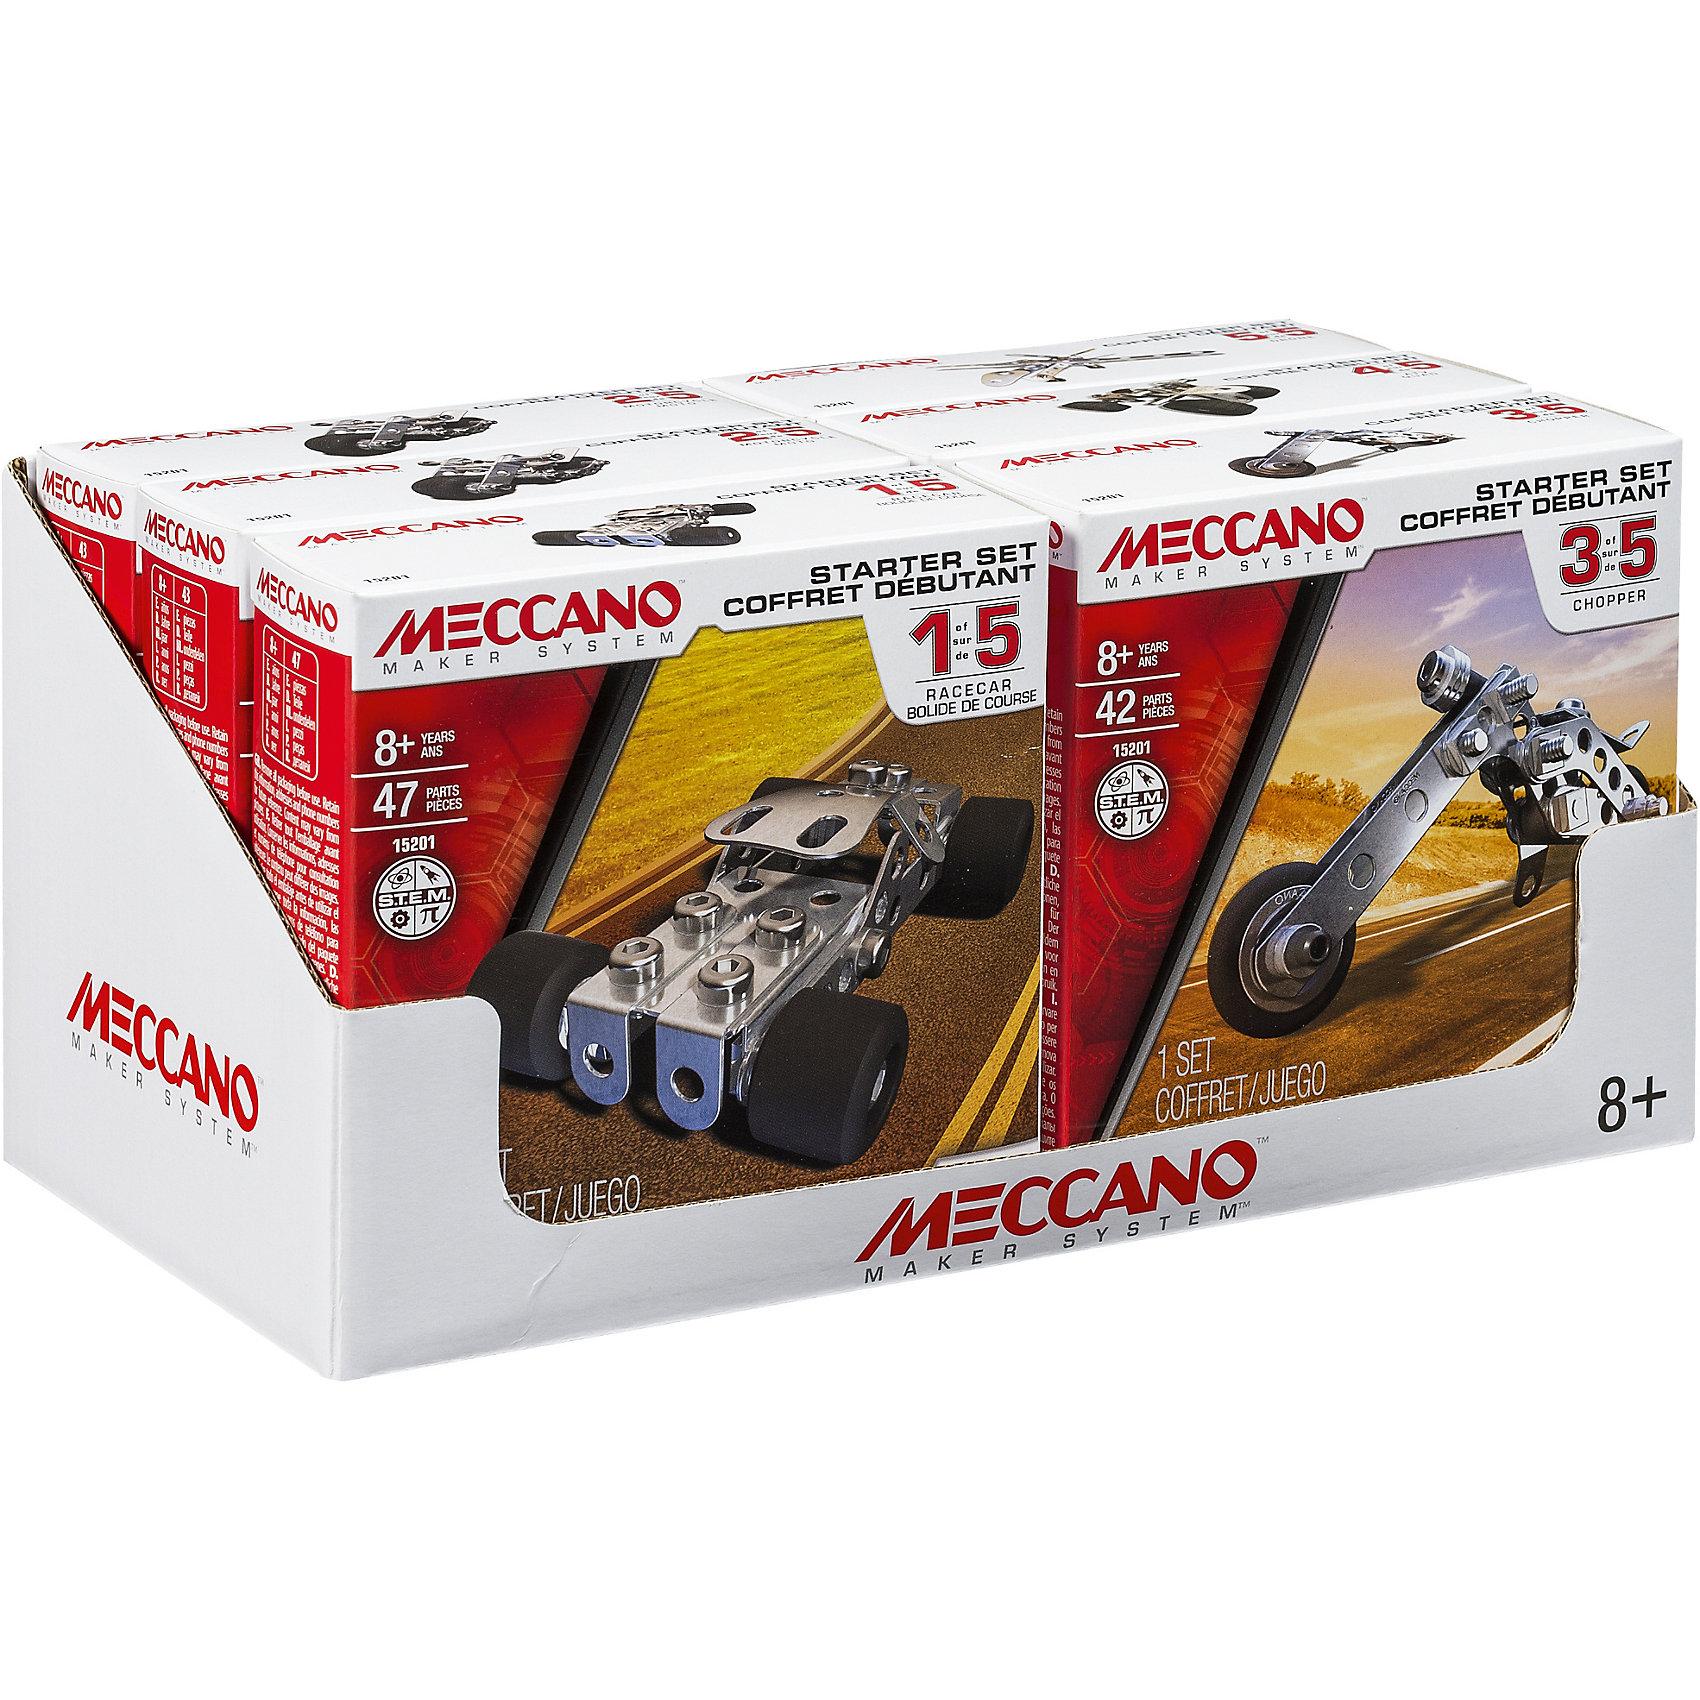 Meccano Базовая модель, Meccano, в ассортименте игрушка meccano боевой вертолёт 2 модели meccano